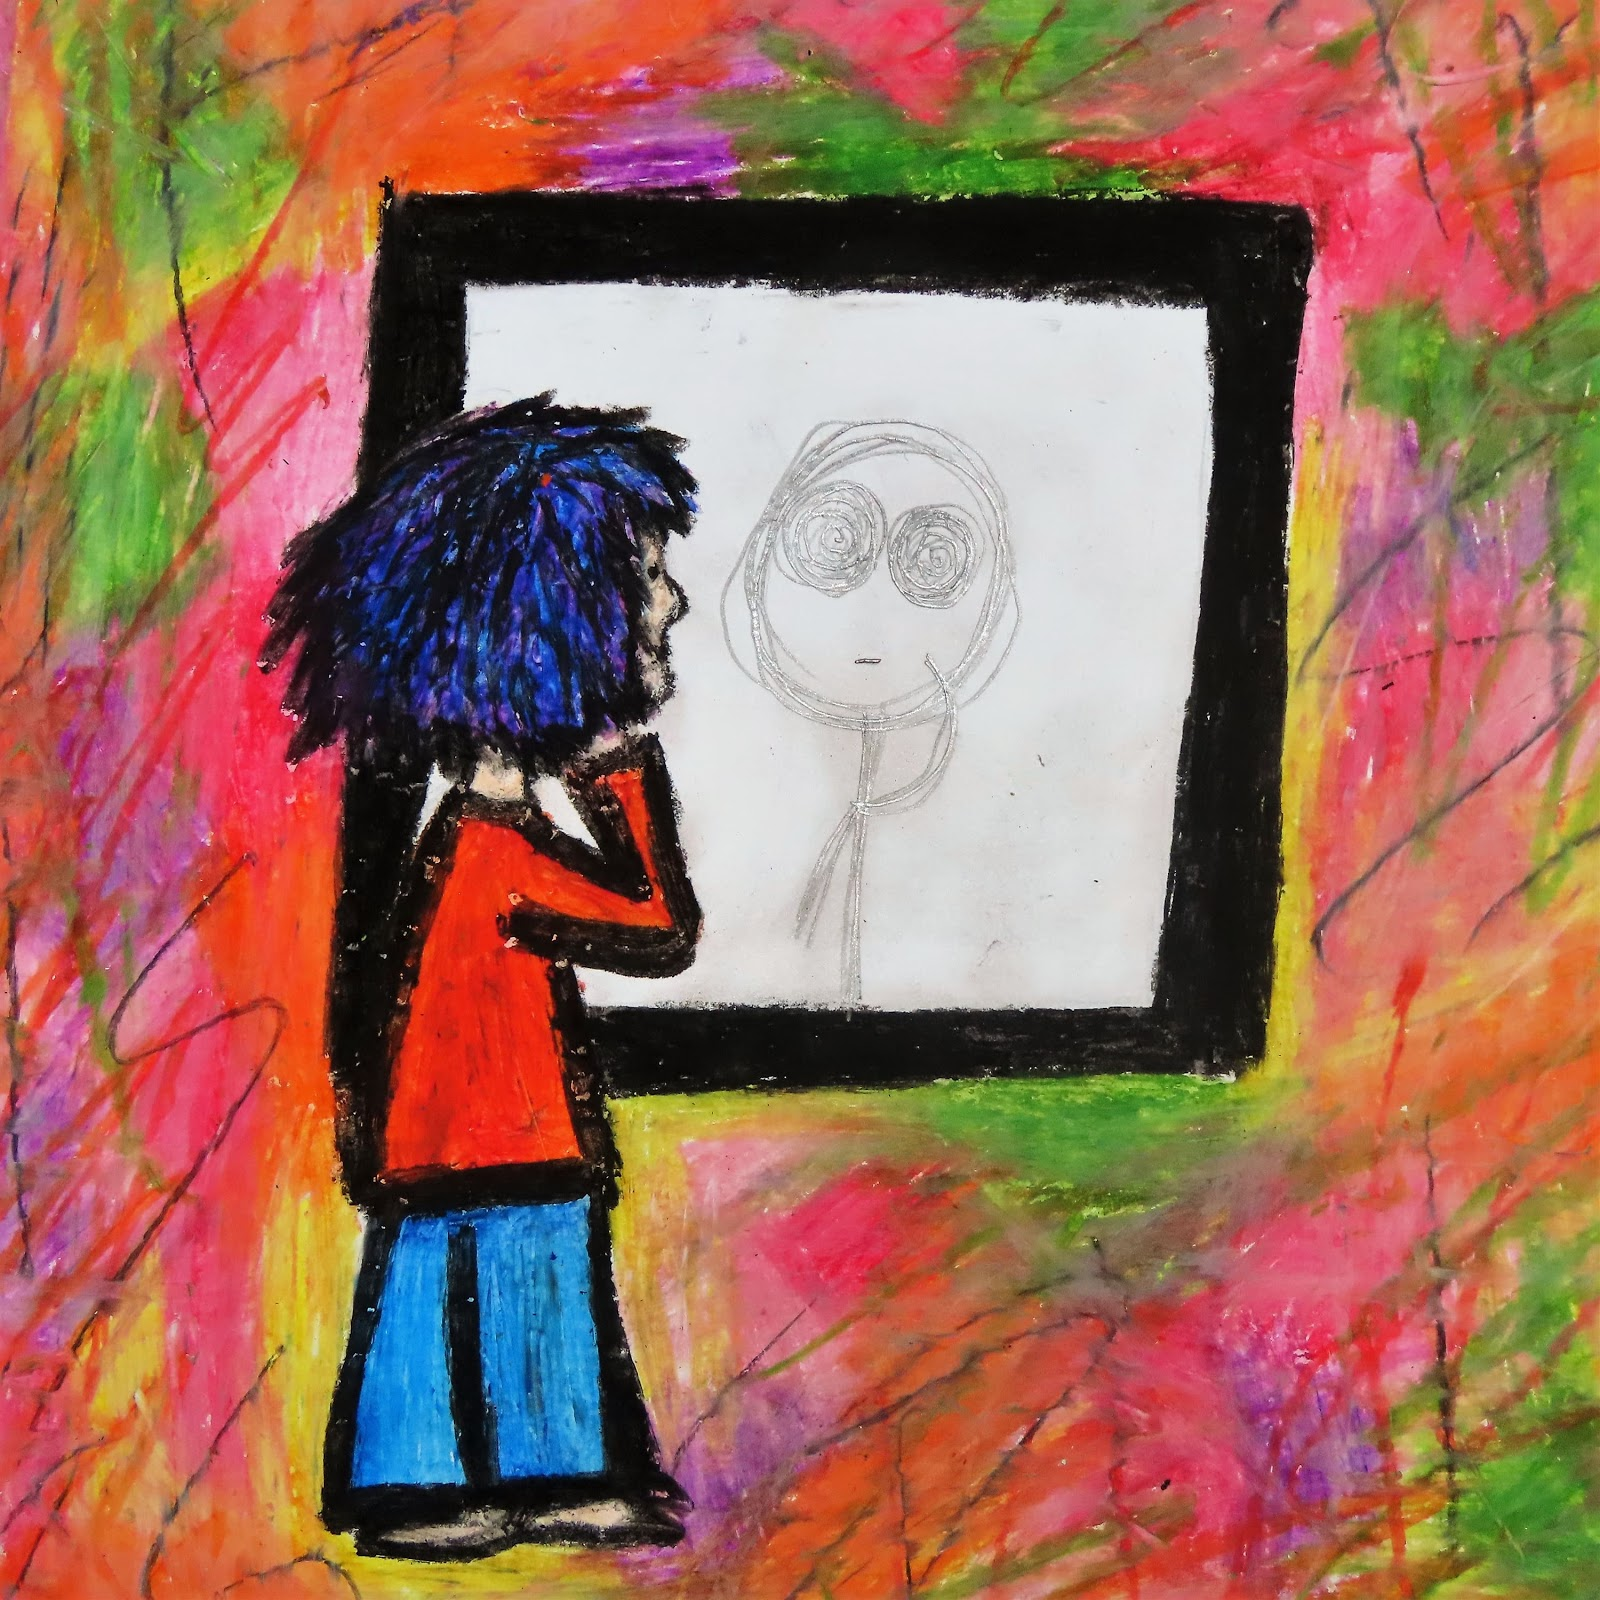 Smoothboi Ezra - 'My Own Person'